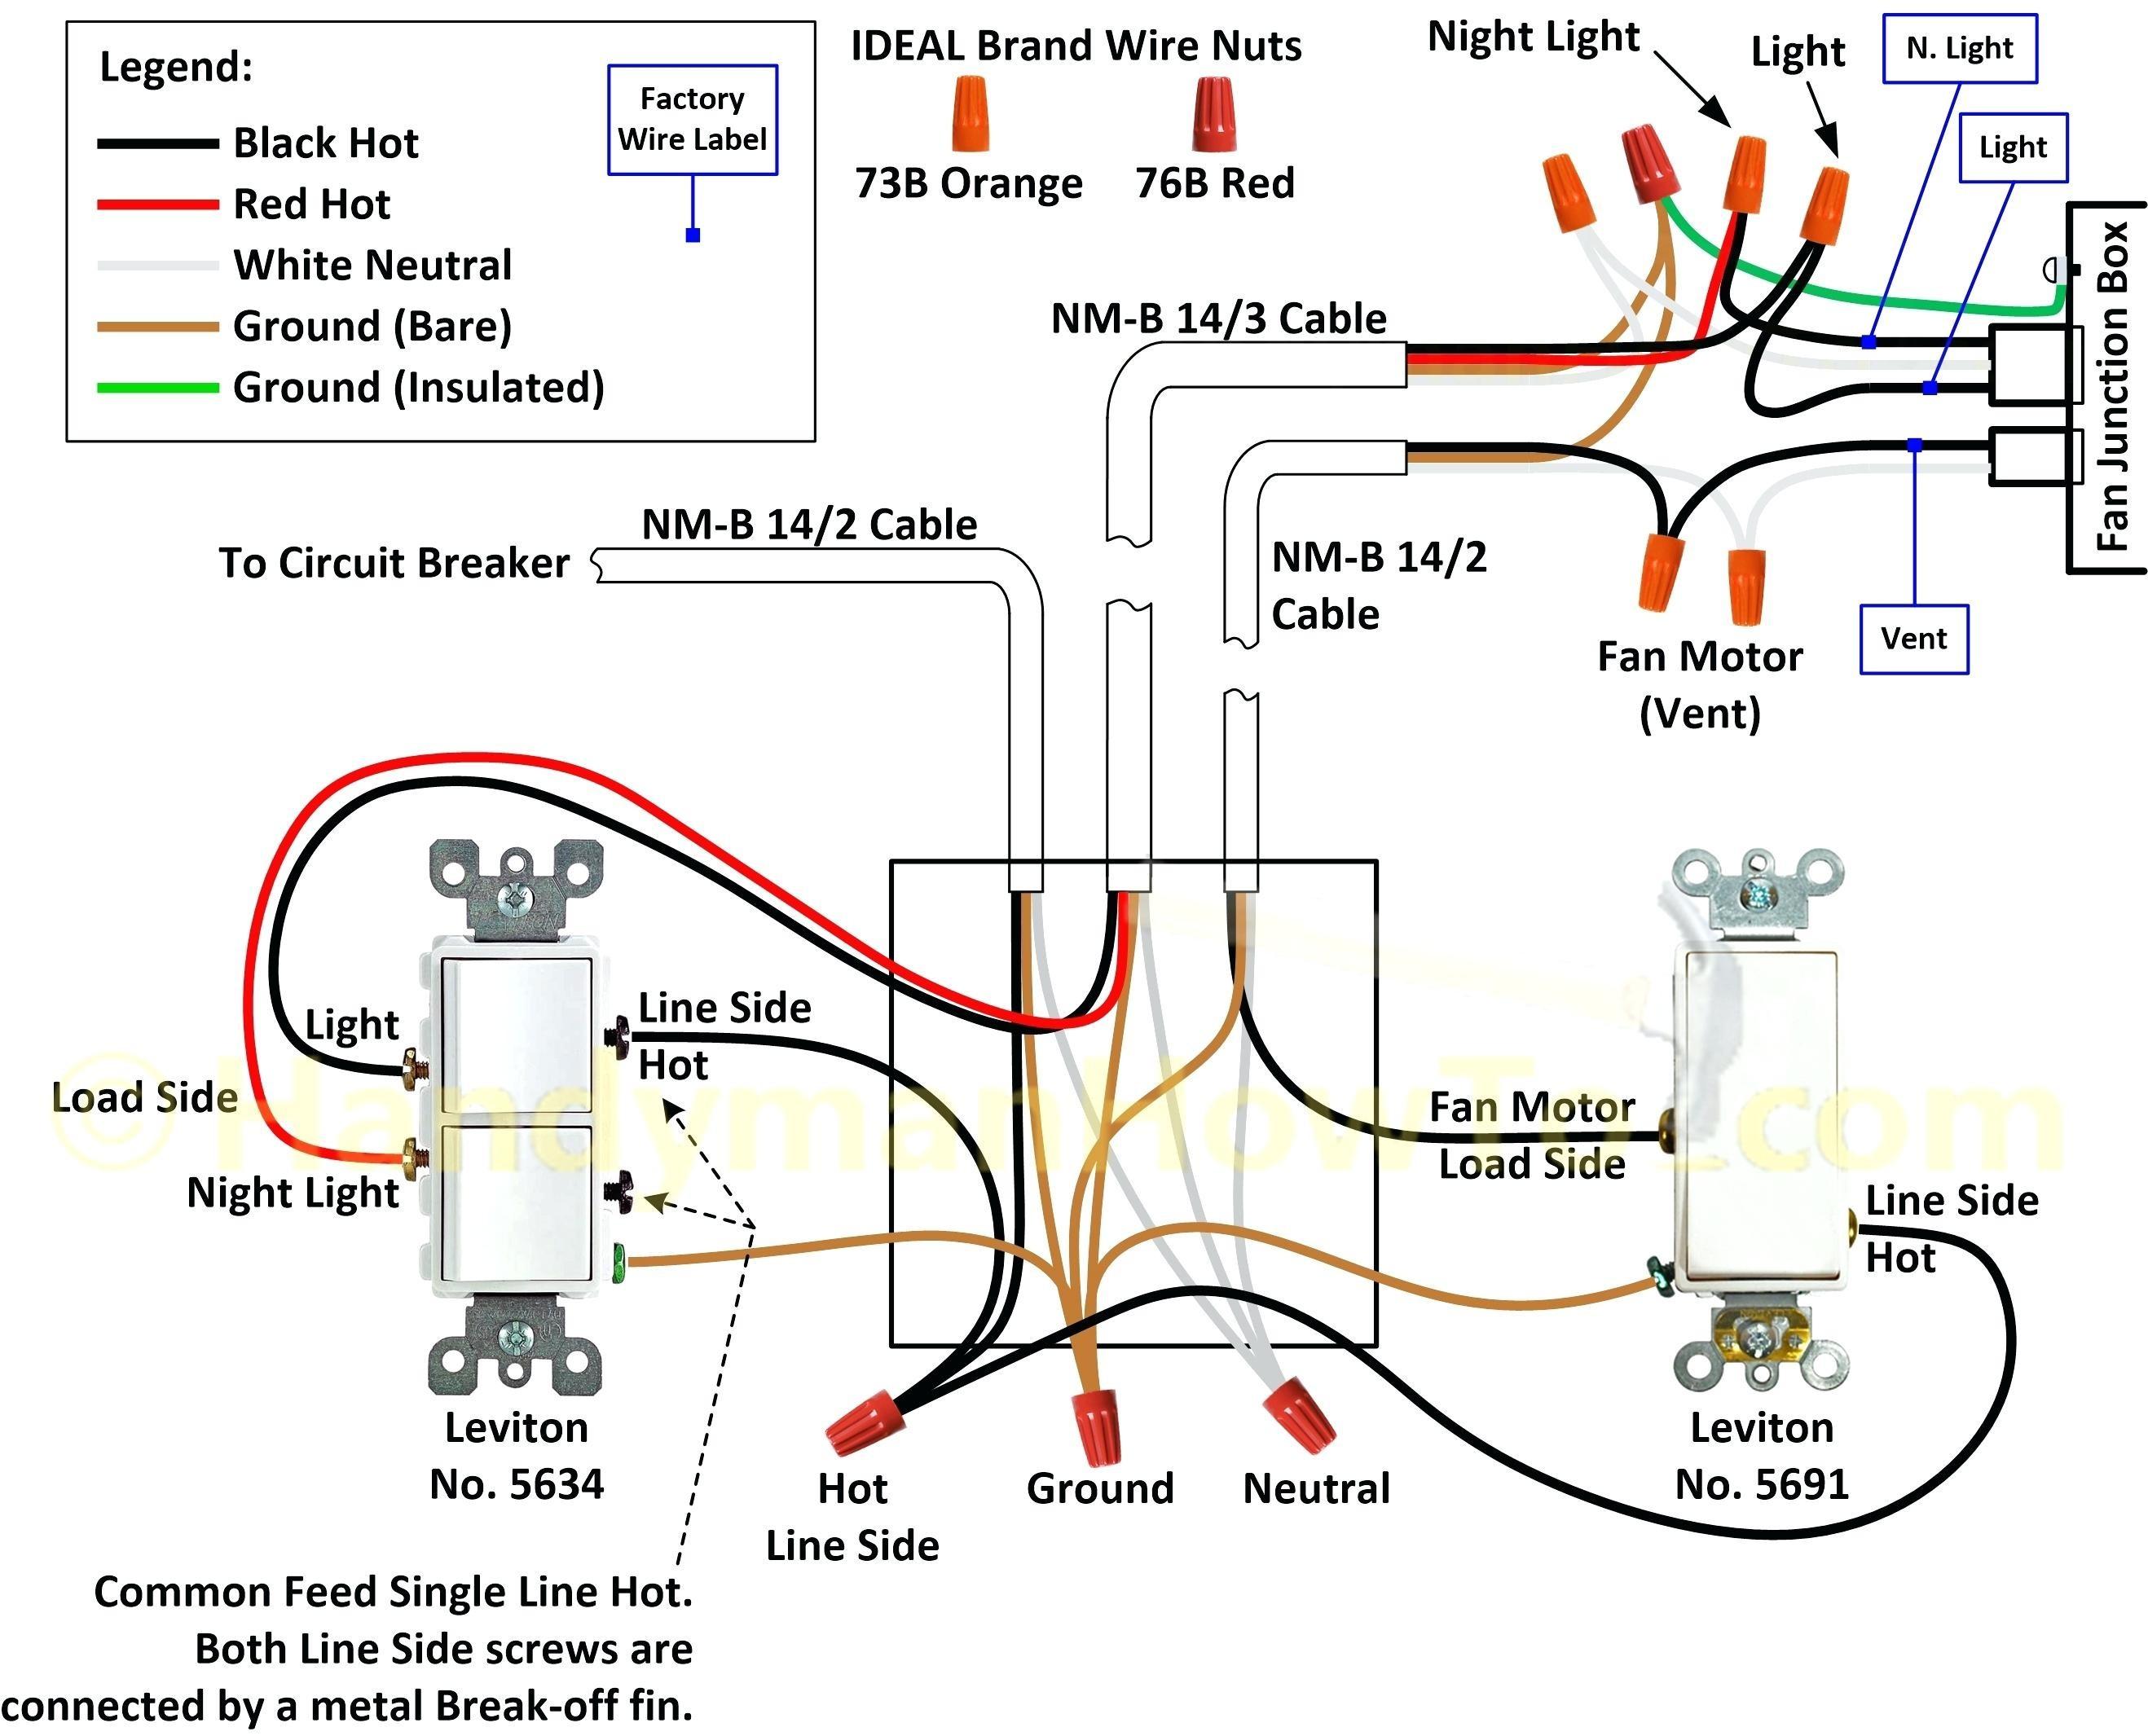 Xlr Connector Wiring Diagram Xlr Mic Wiring Diagram Wiring Diagram Paper Of Xlr Connector Wiring Diagram